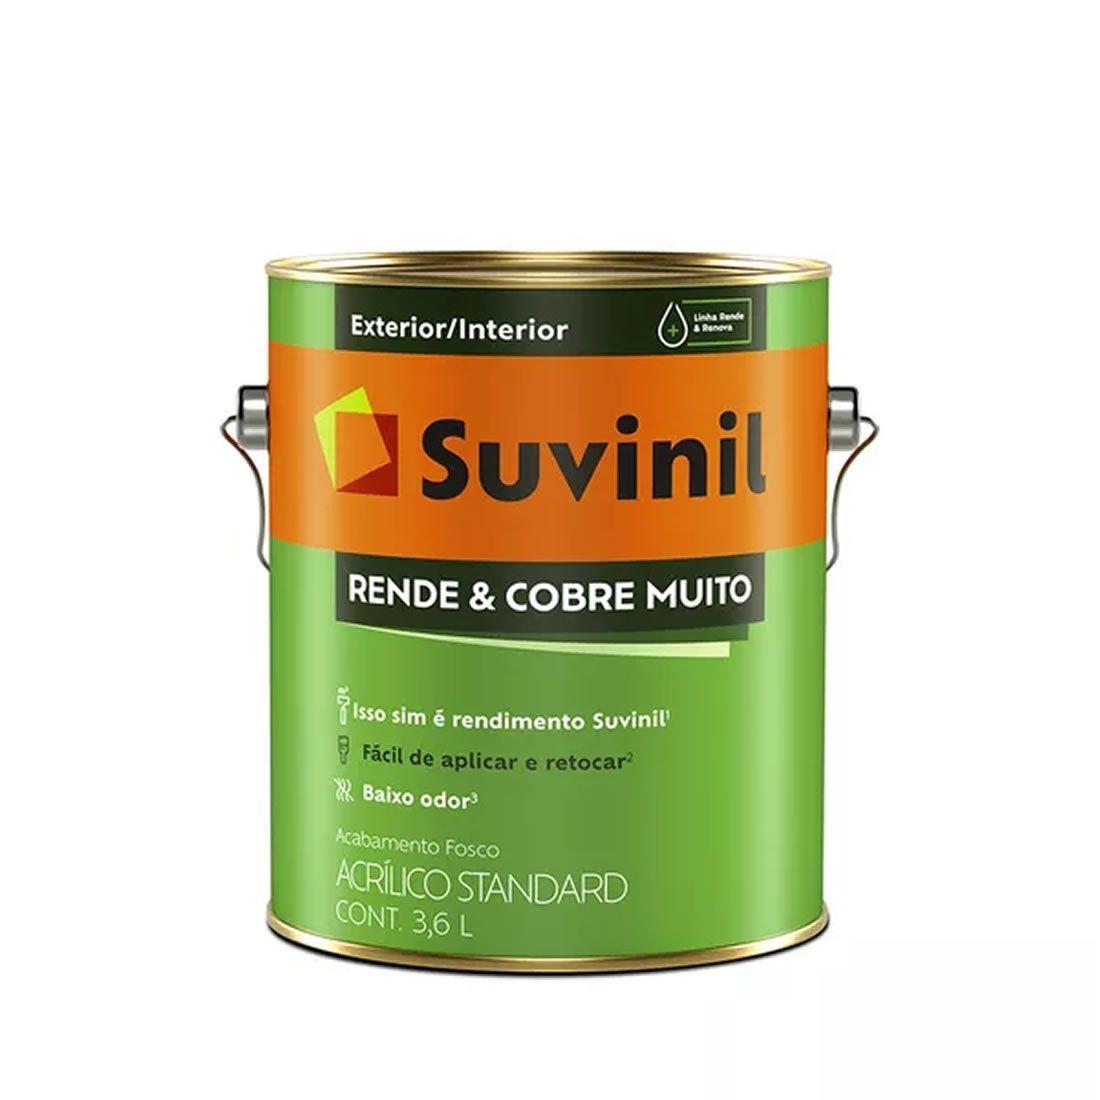 Tinta Suvinil Acrílica Standard Rende & Cobre Muito Areia 3,6 Litros